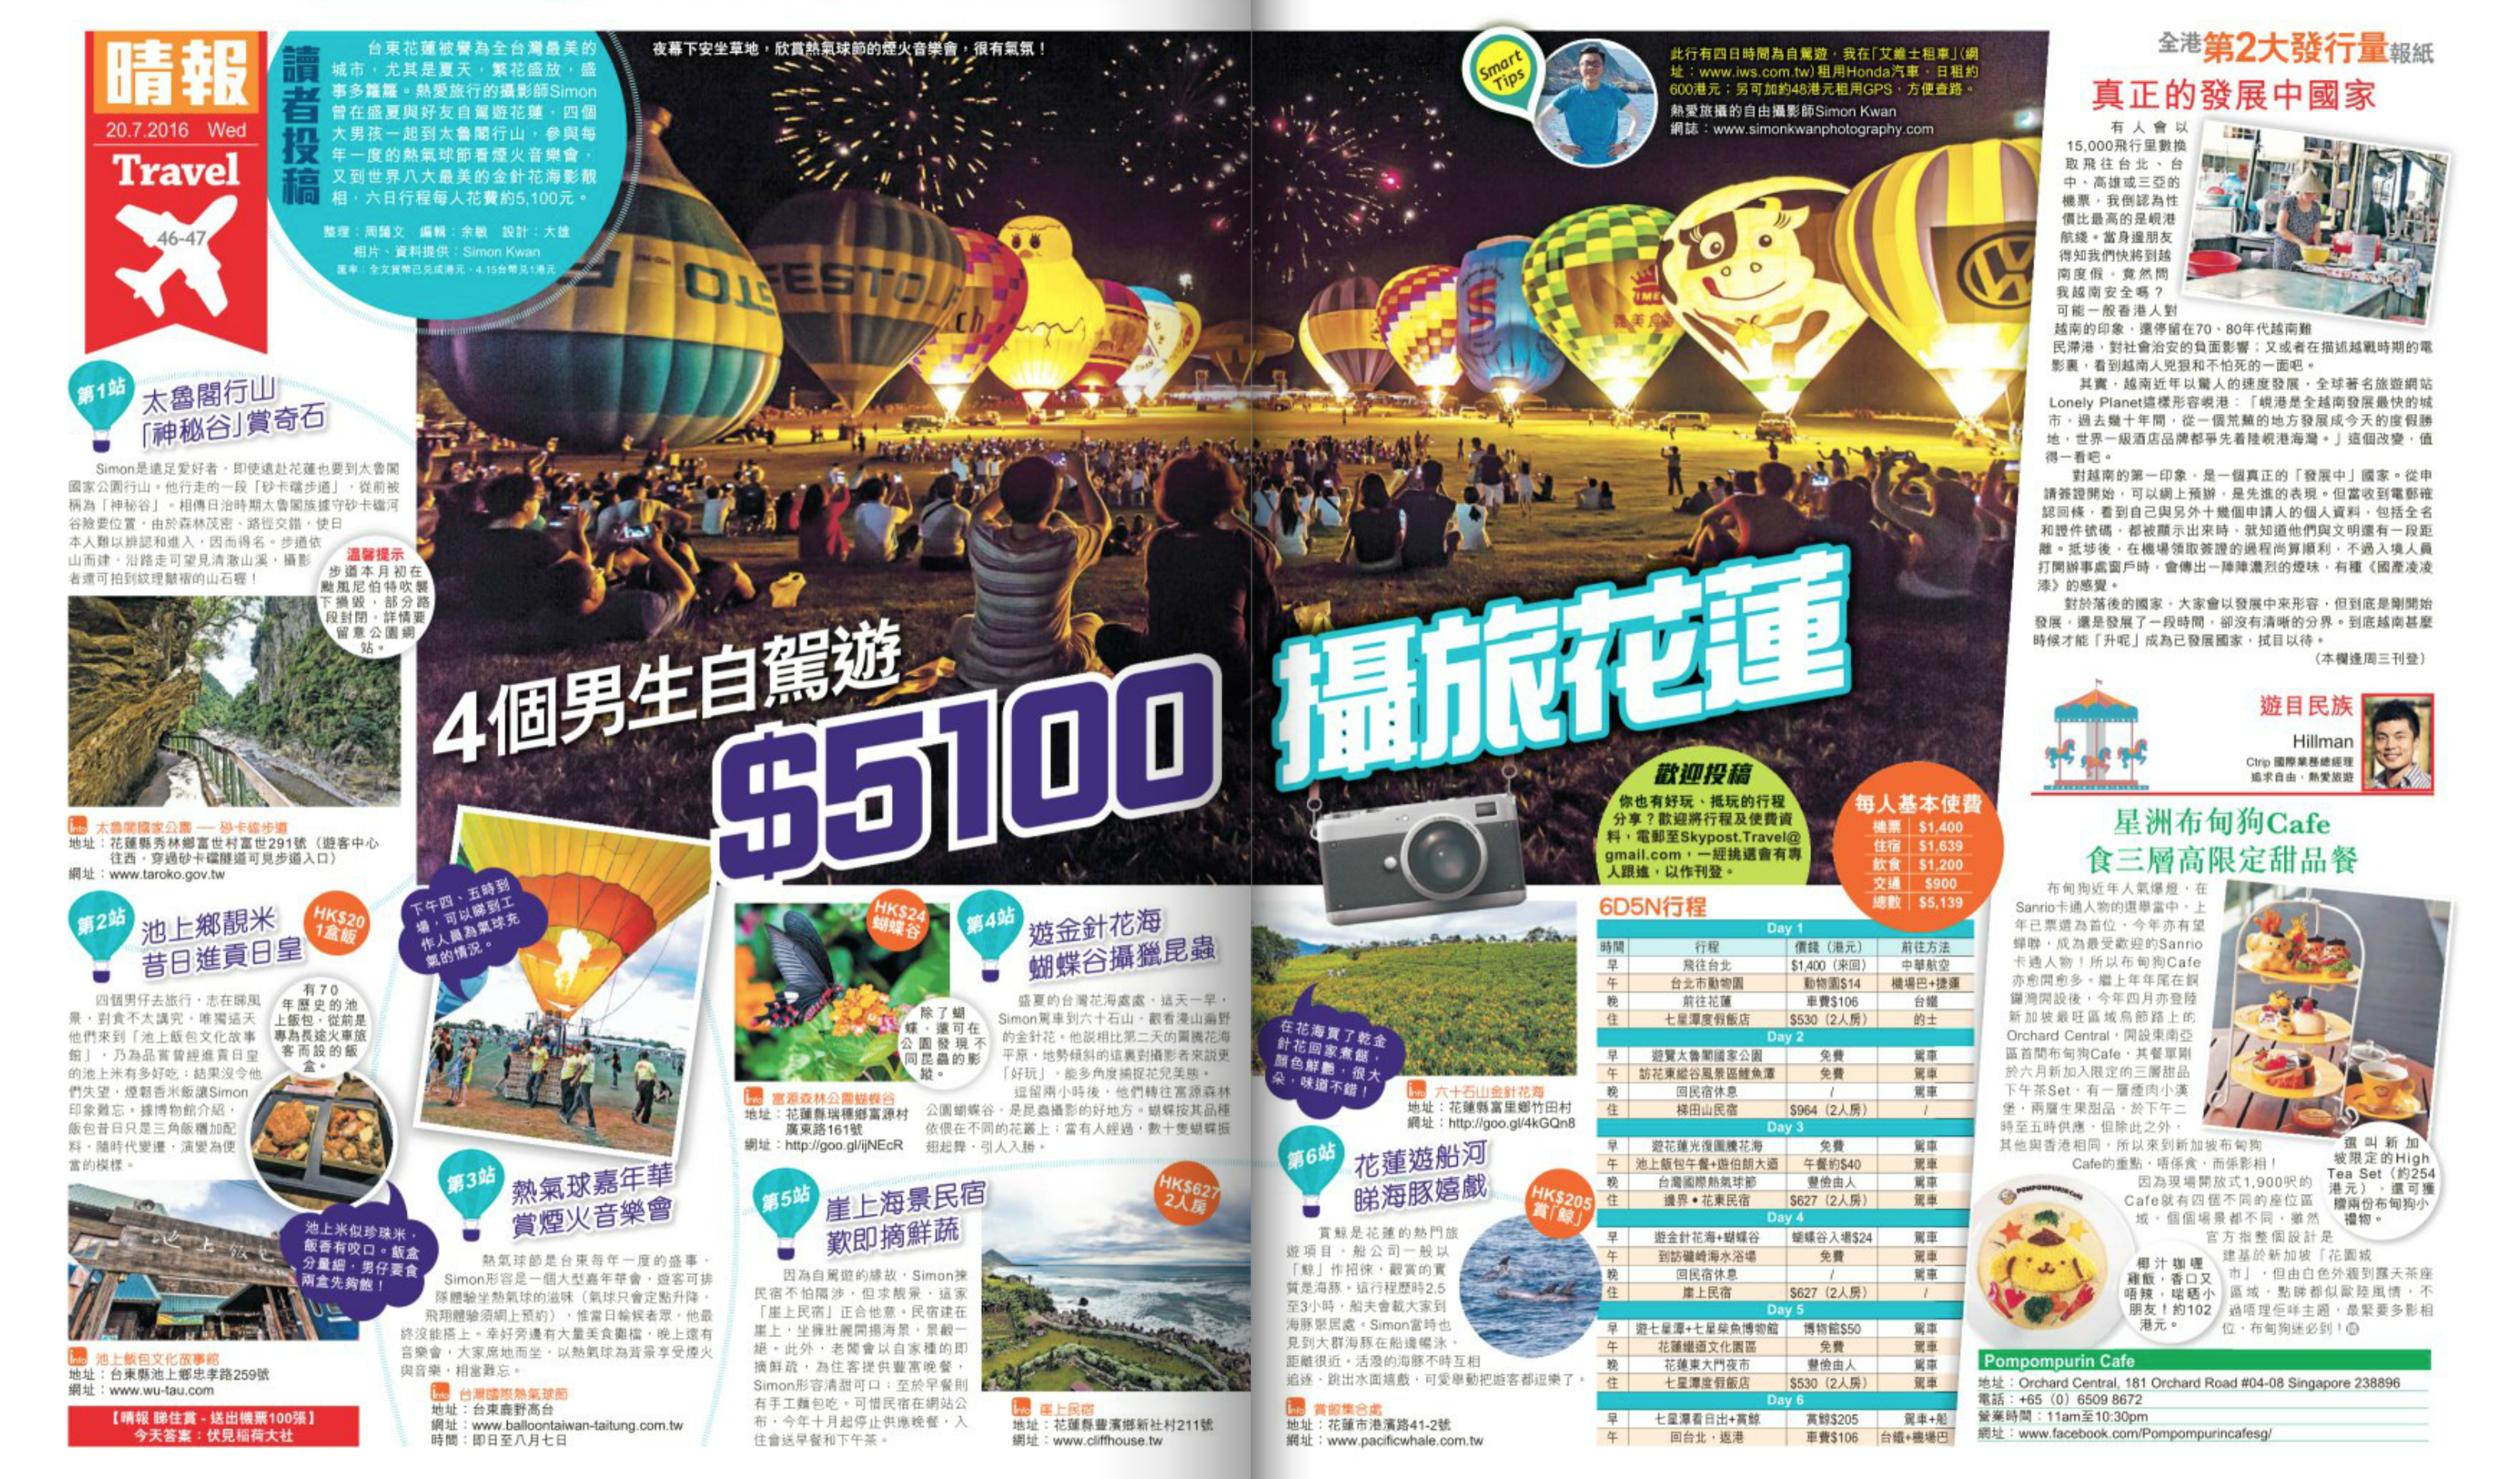 """""""4個男生自駕遊 $5100攝旅花蓮"""" - Sky Post Travel (晴報)  Hong Kong Local Newspaper  20th July 2016  Sky Post Online Version  http://skypost.ulifestyle.com.hk/article/1601342/4個男生自駕遊%20$5100攝旅花蓮"""